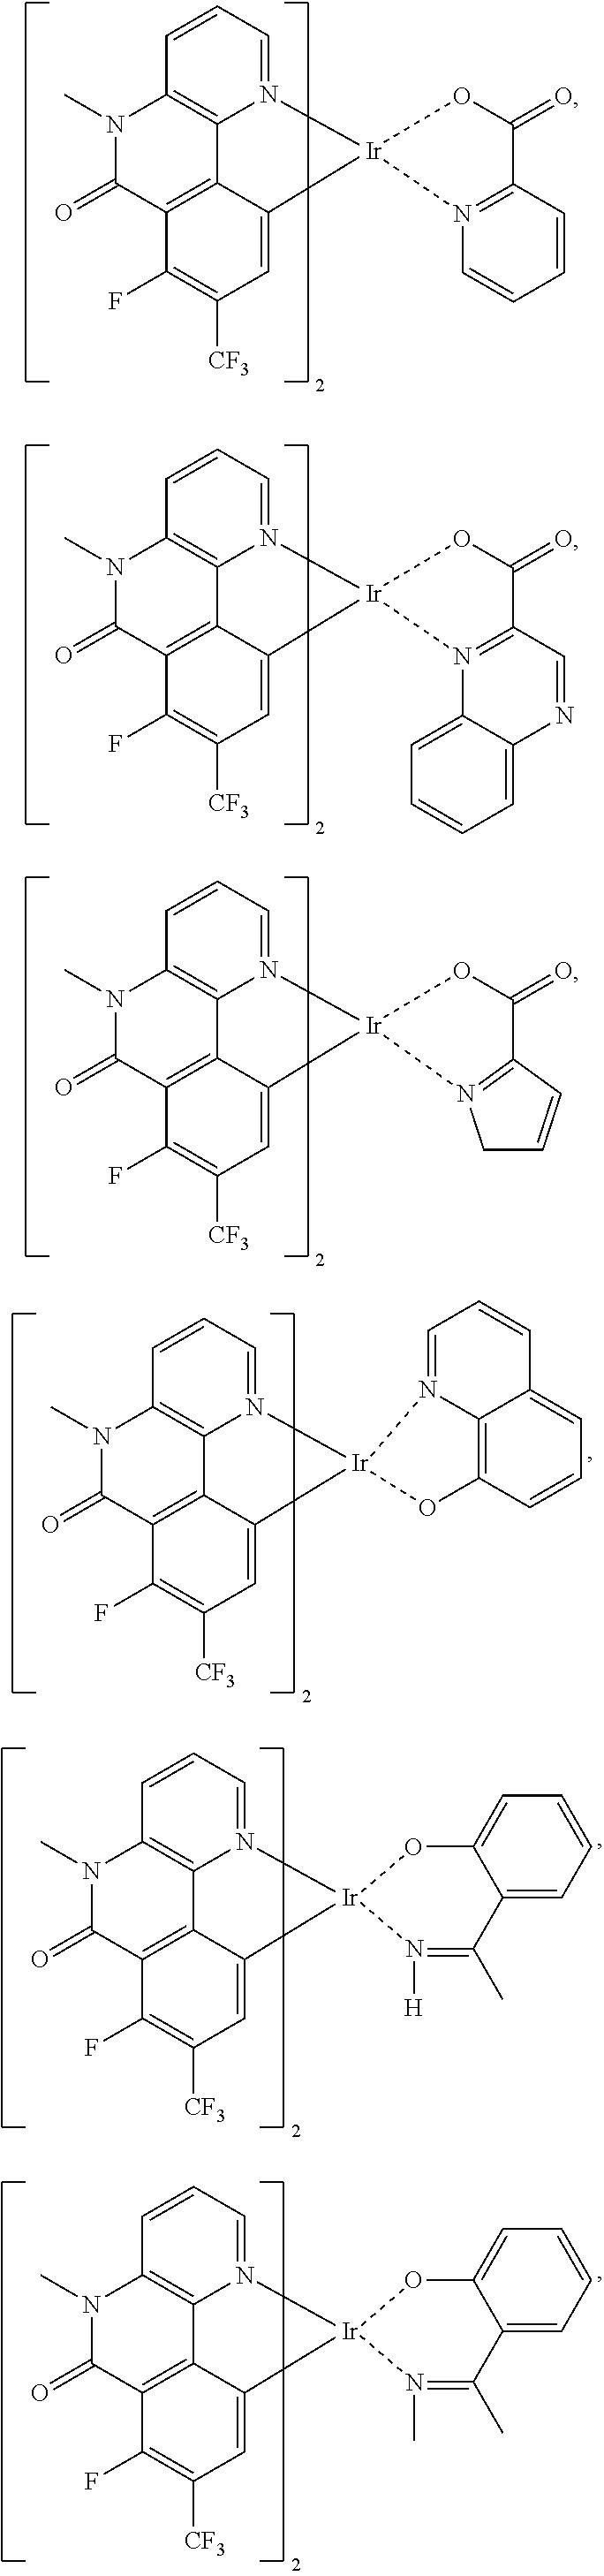 Figure US09634266-20170425-C00020